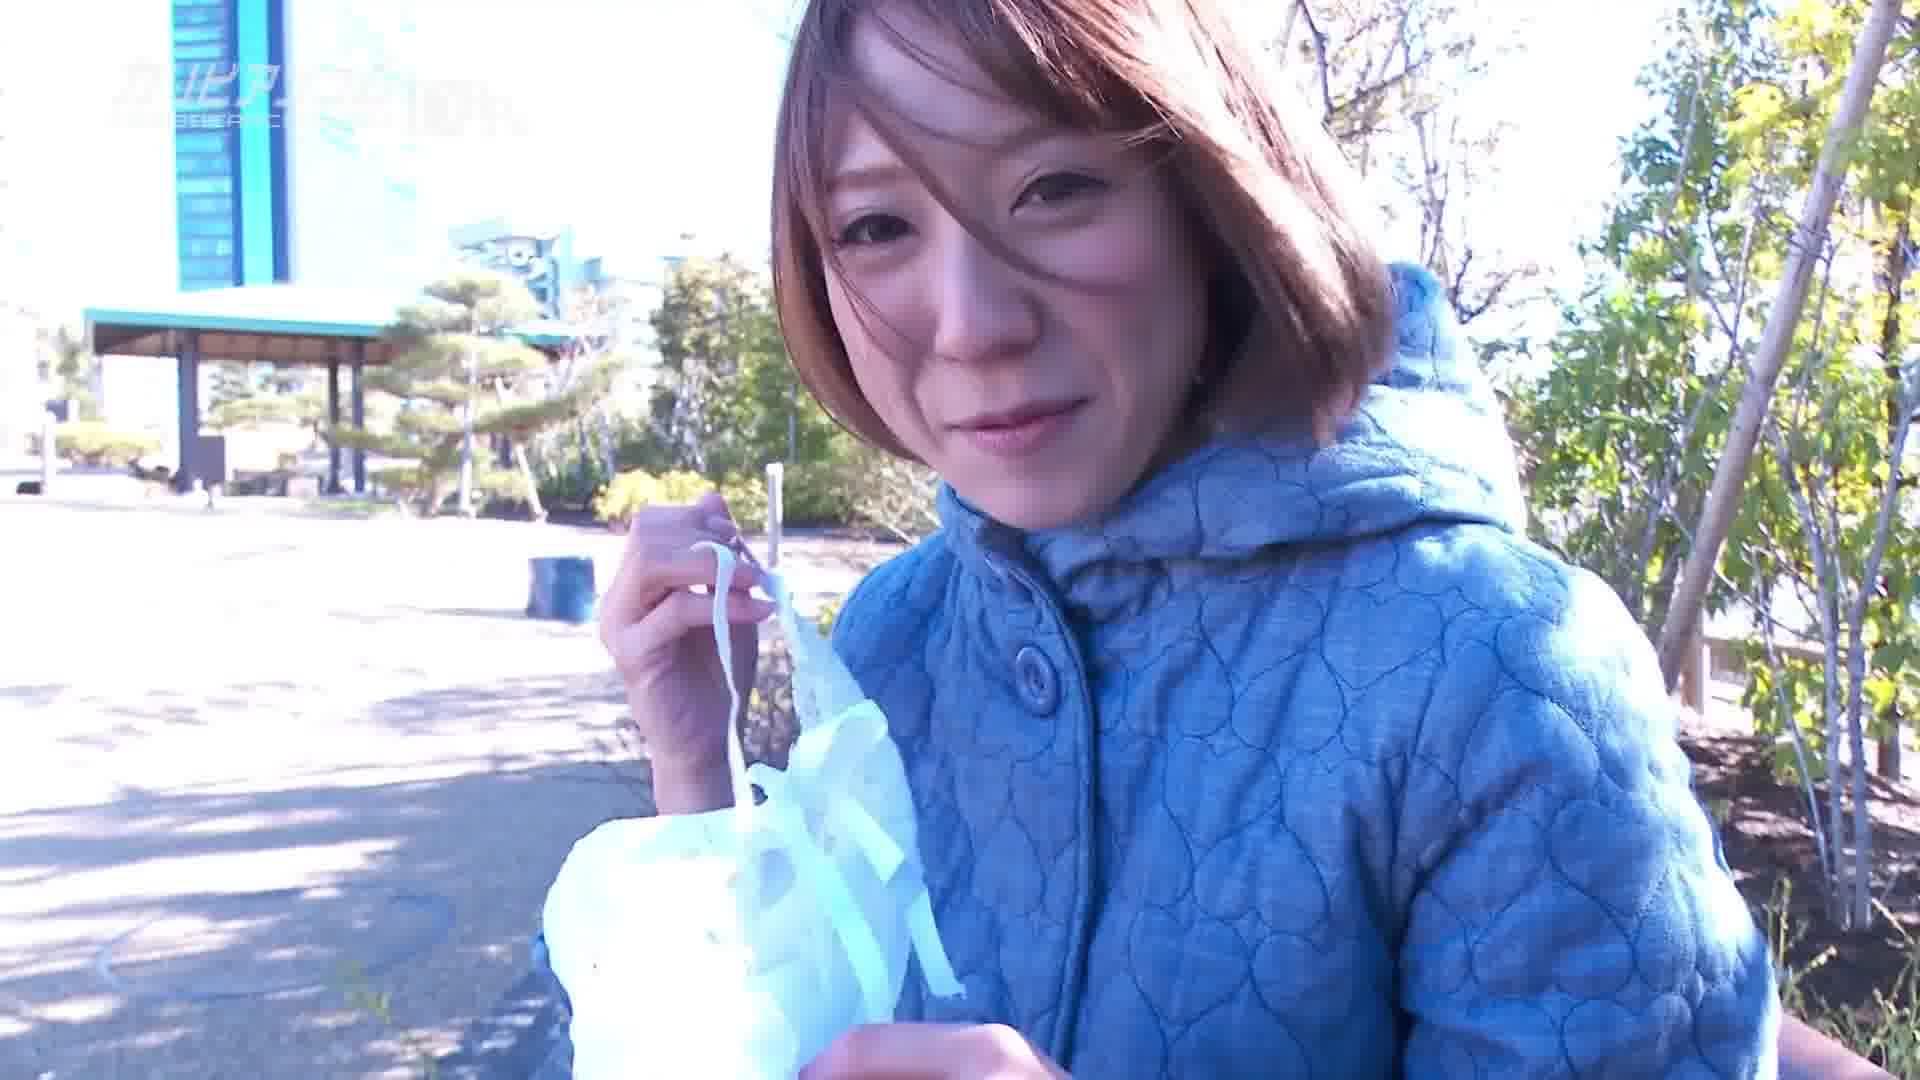 僕の彼女が滝川エリナだったら ~ホワイトデー中出しプレゼント~ - 滝川エリナ【潮吹き・クンニ・隠語】